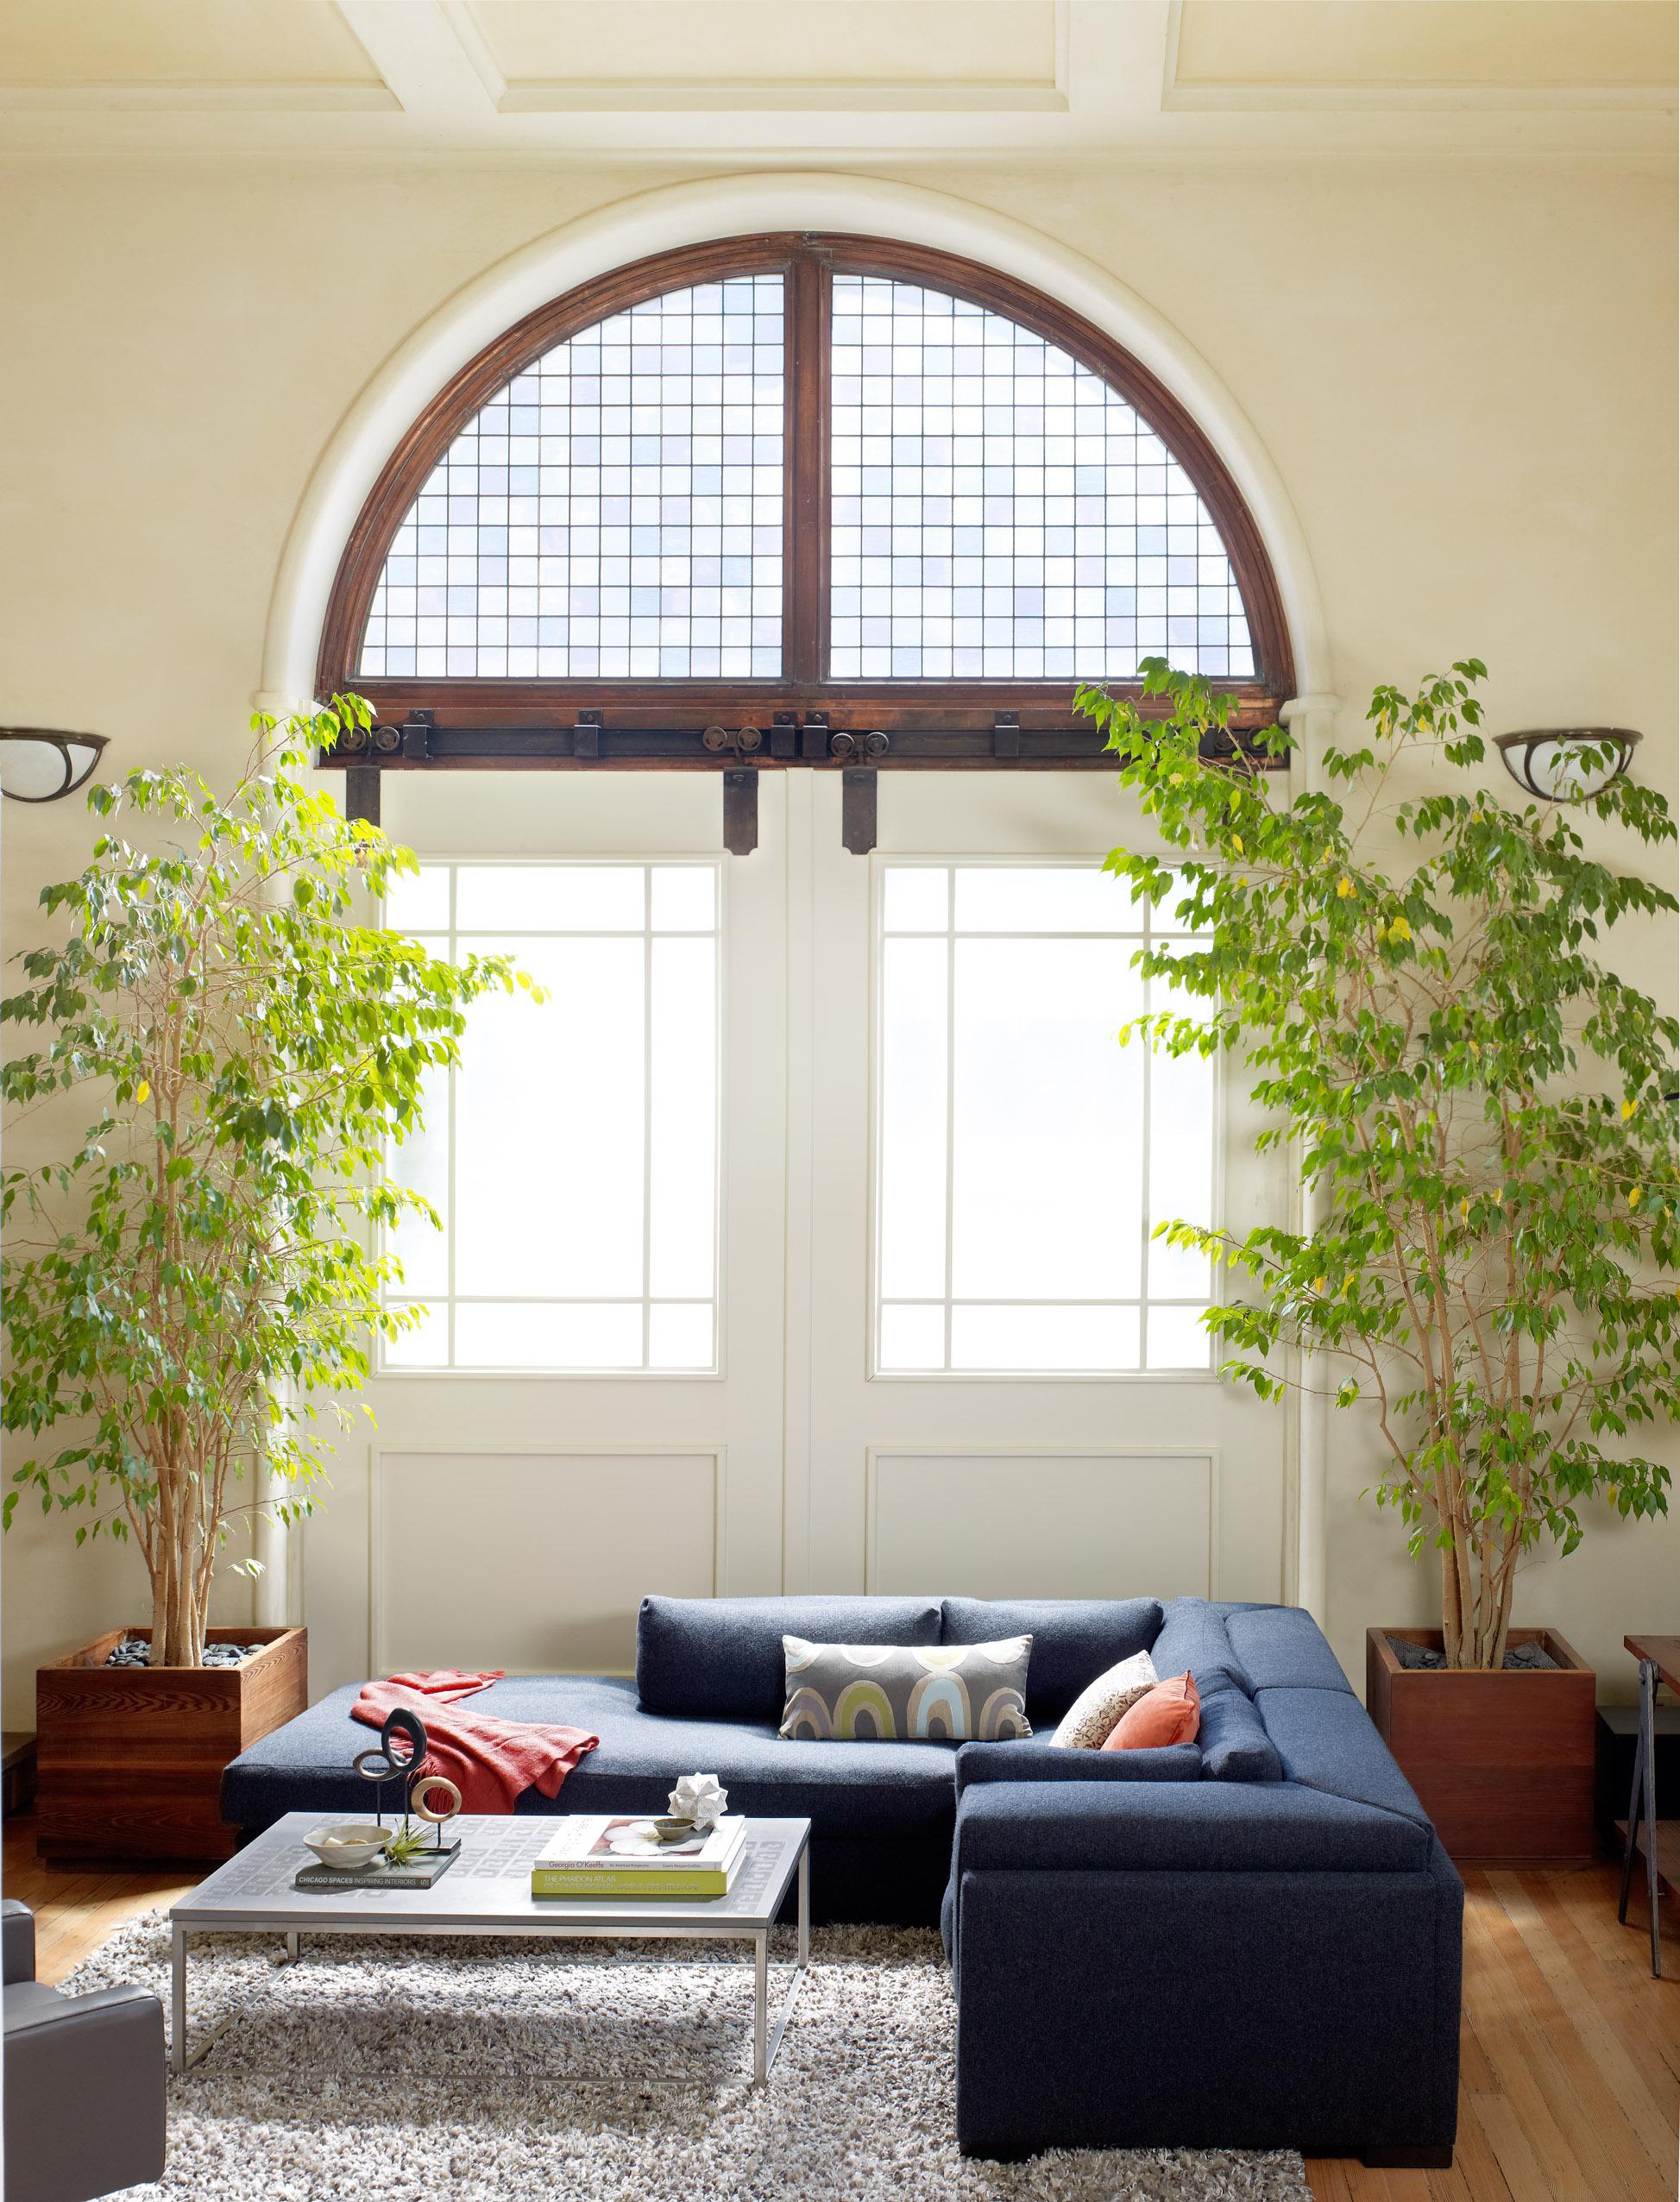 Ажурные деревца фикуса, размещенные симметрично от арочного оконного проема, сформировали комфортную обстановку вокруг зоны отдыха